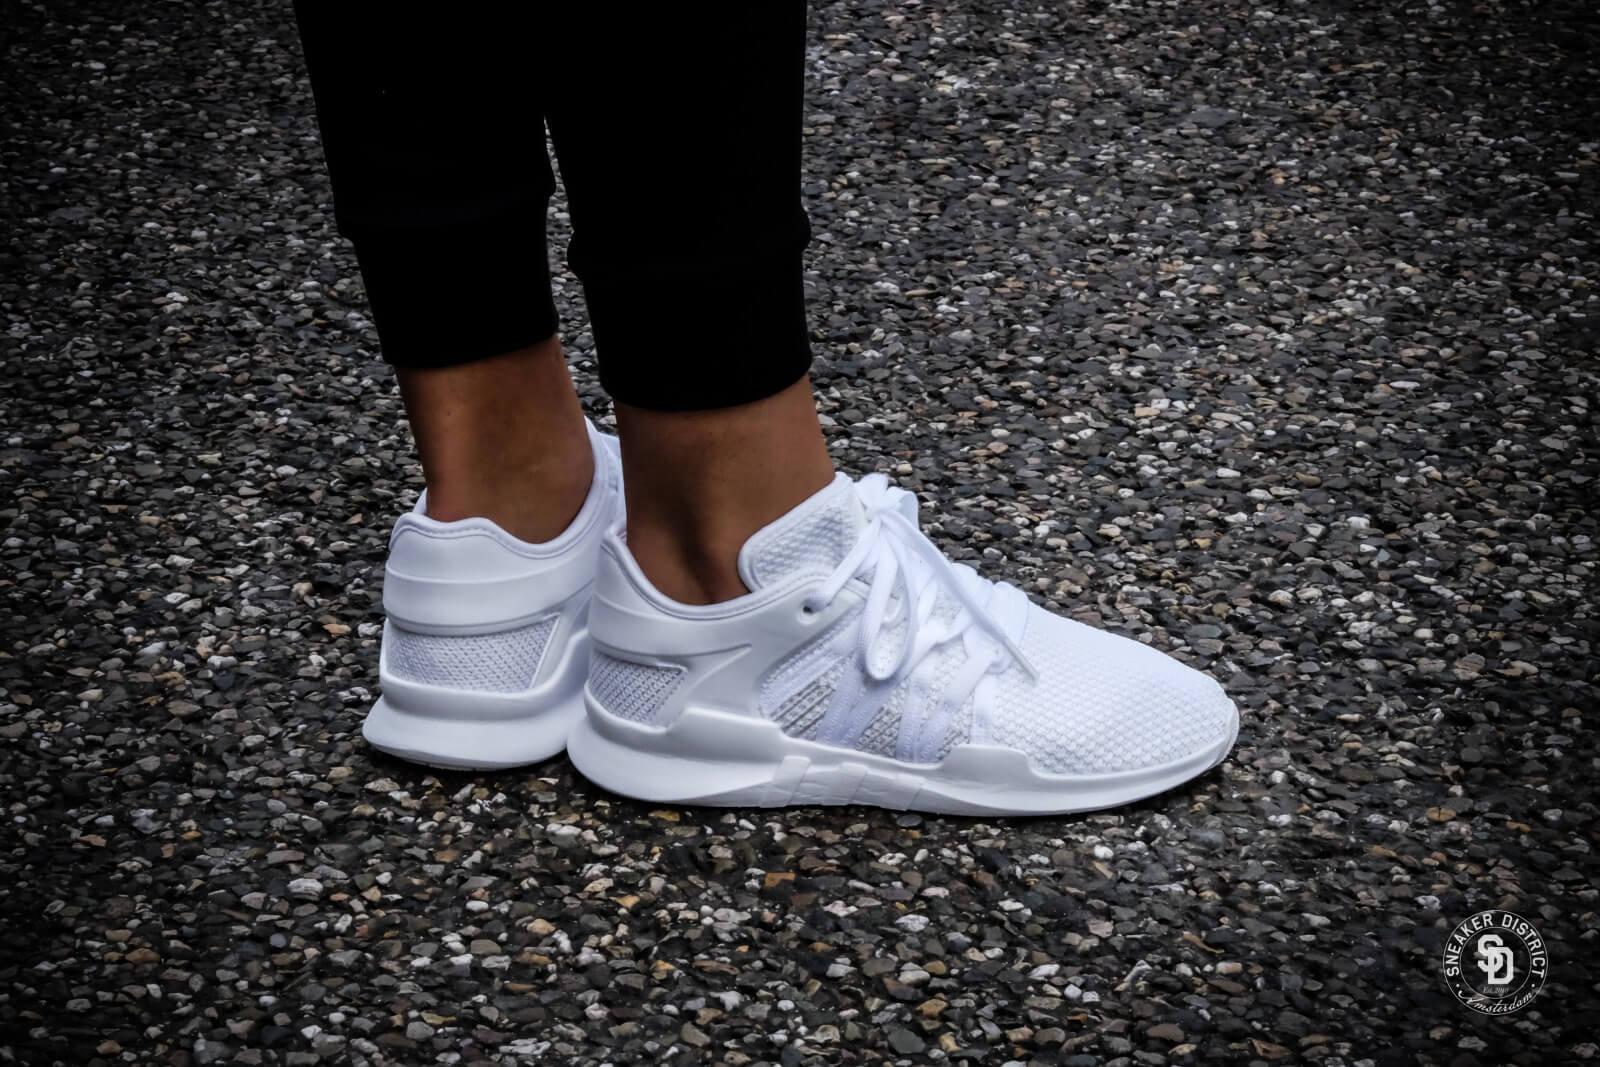 adidas eqt racing adv white